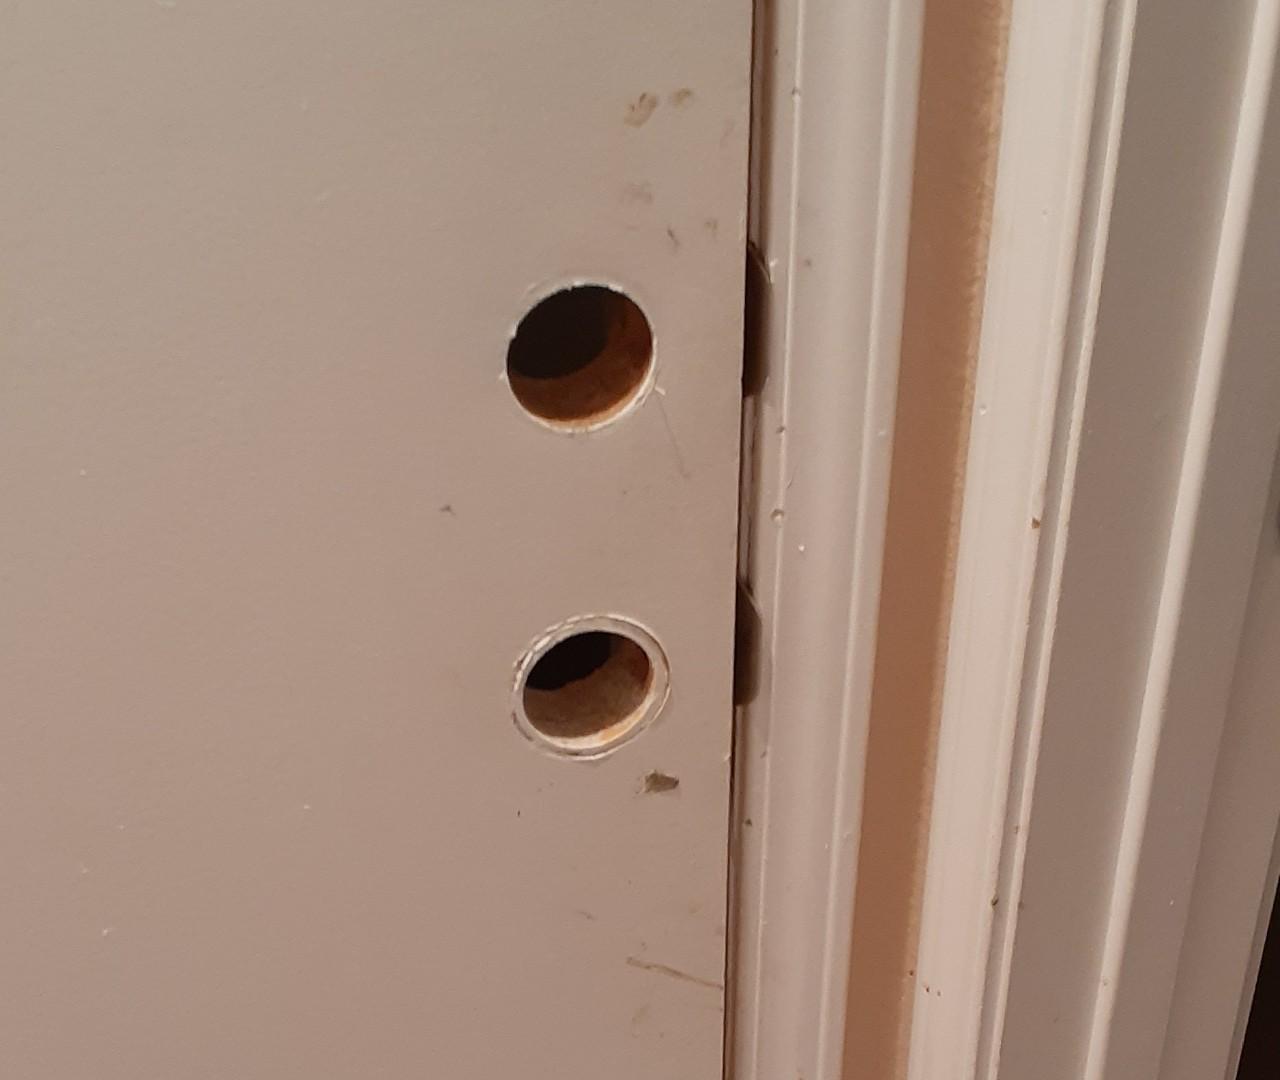 repair-and-maintenance-door-handle-repairs--before-02